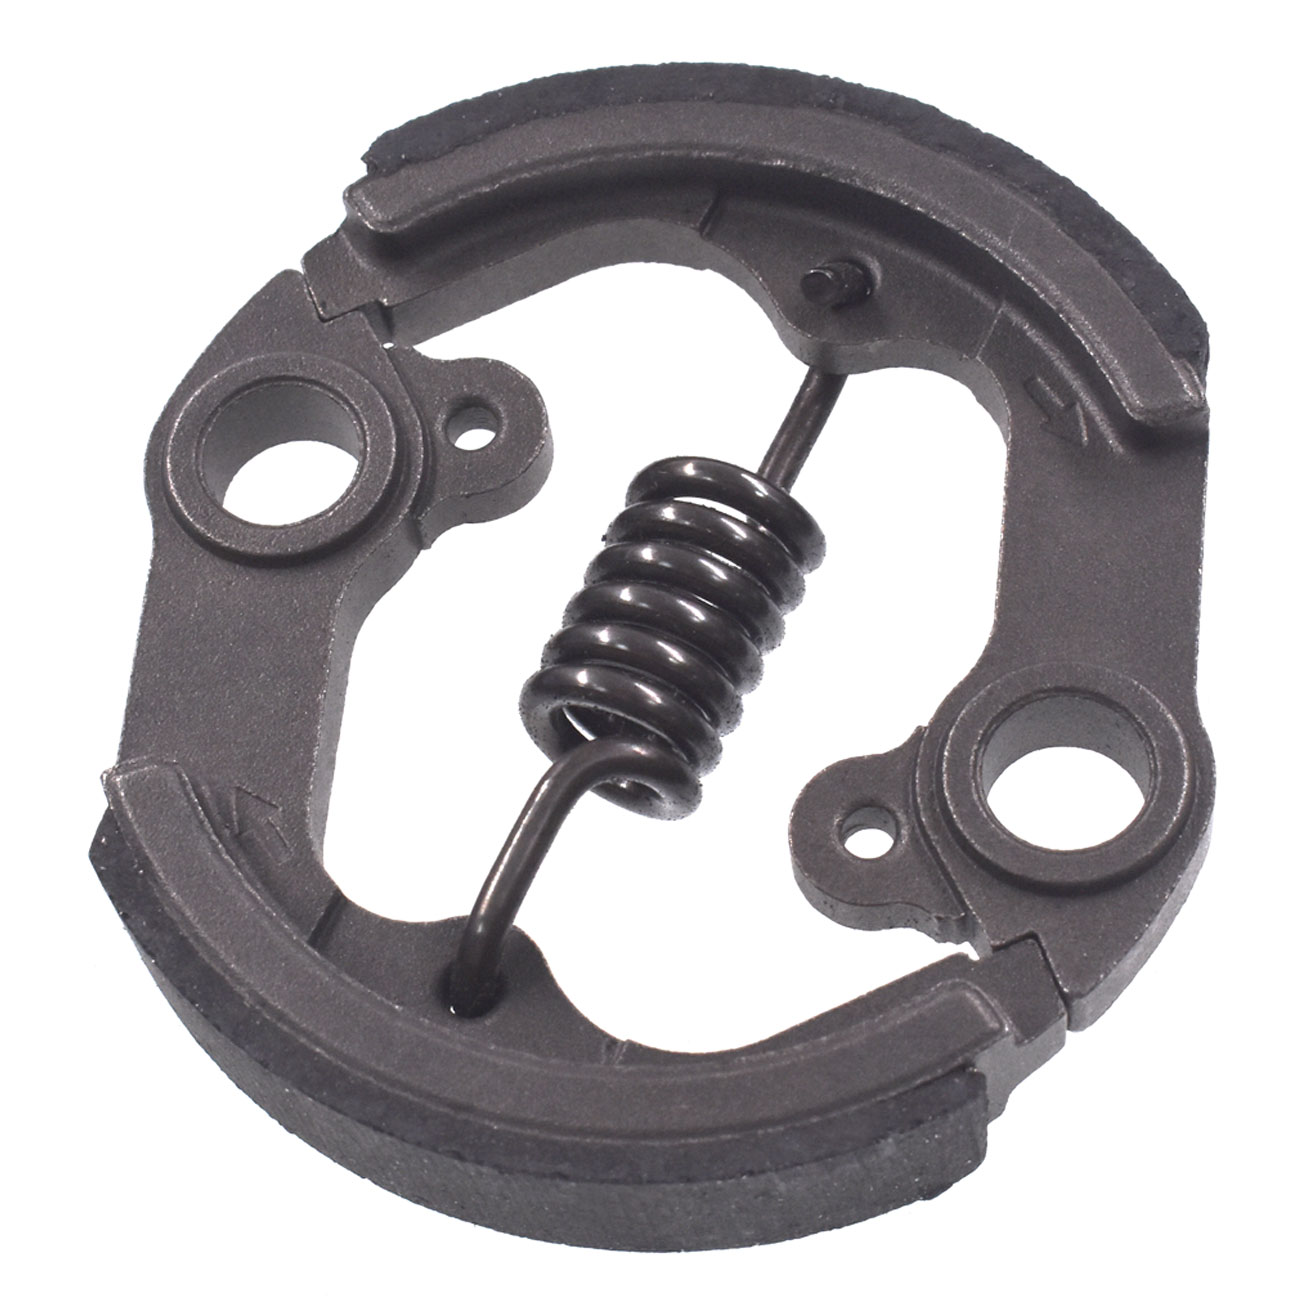 Clutch Fits Husqvarna 143RII Zenoah G35L G45L Brushcutter Replace